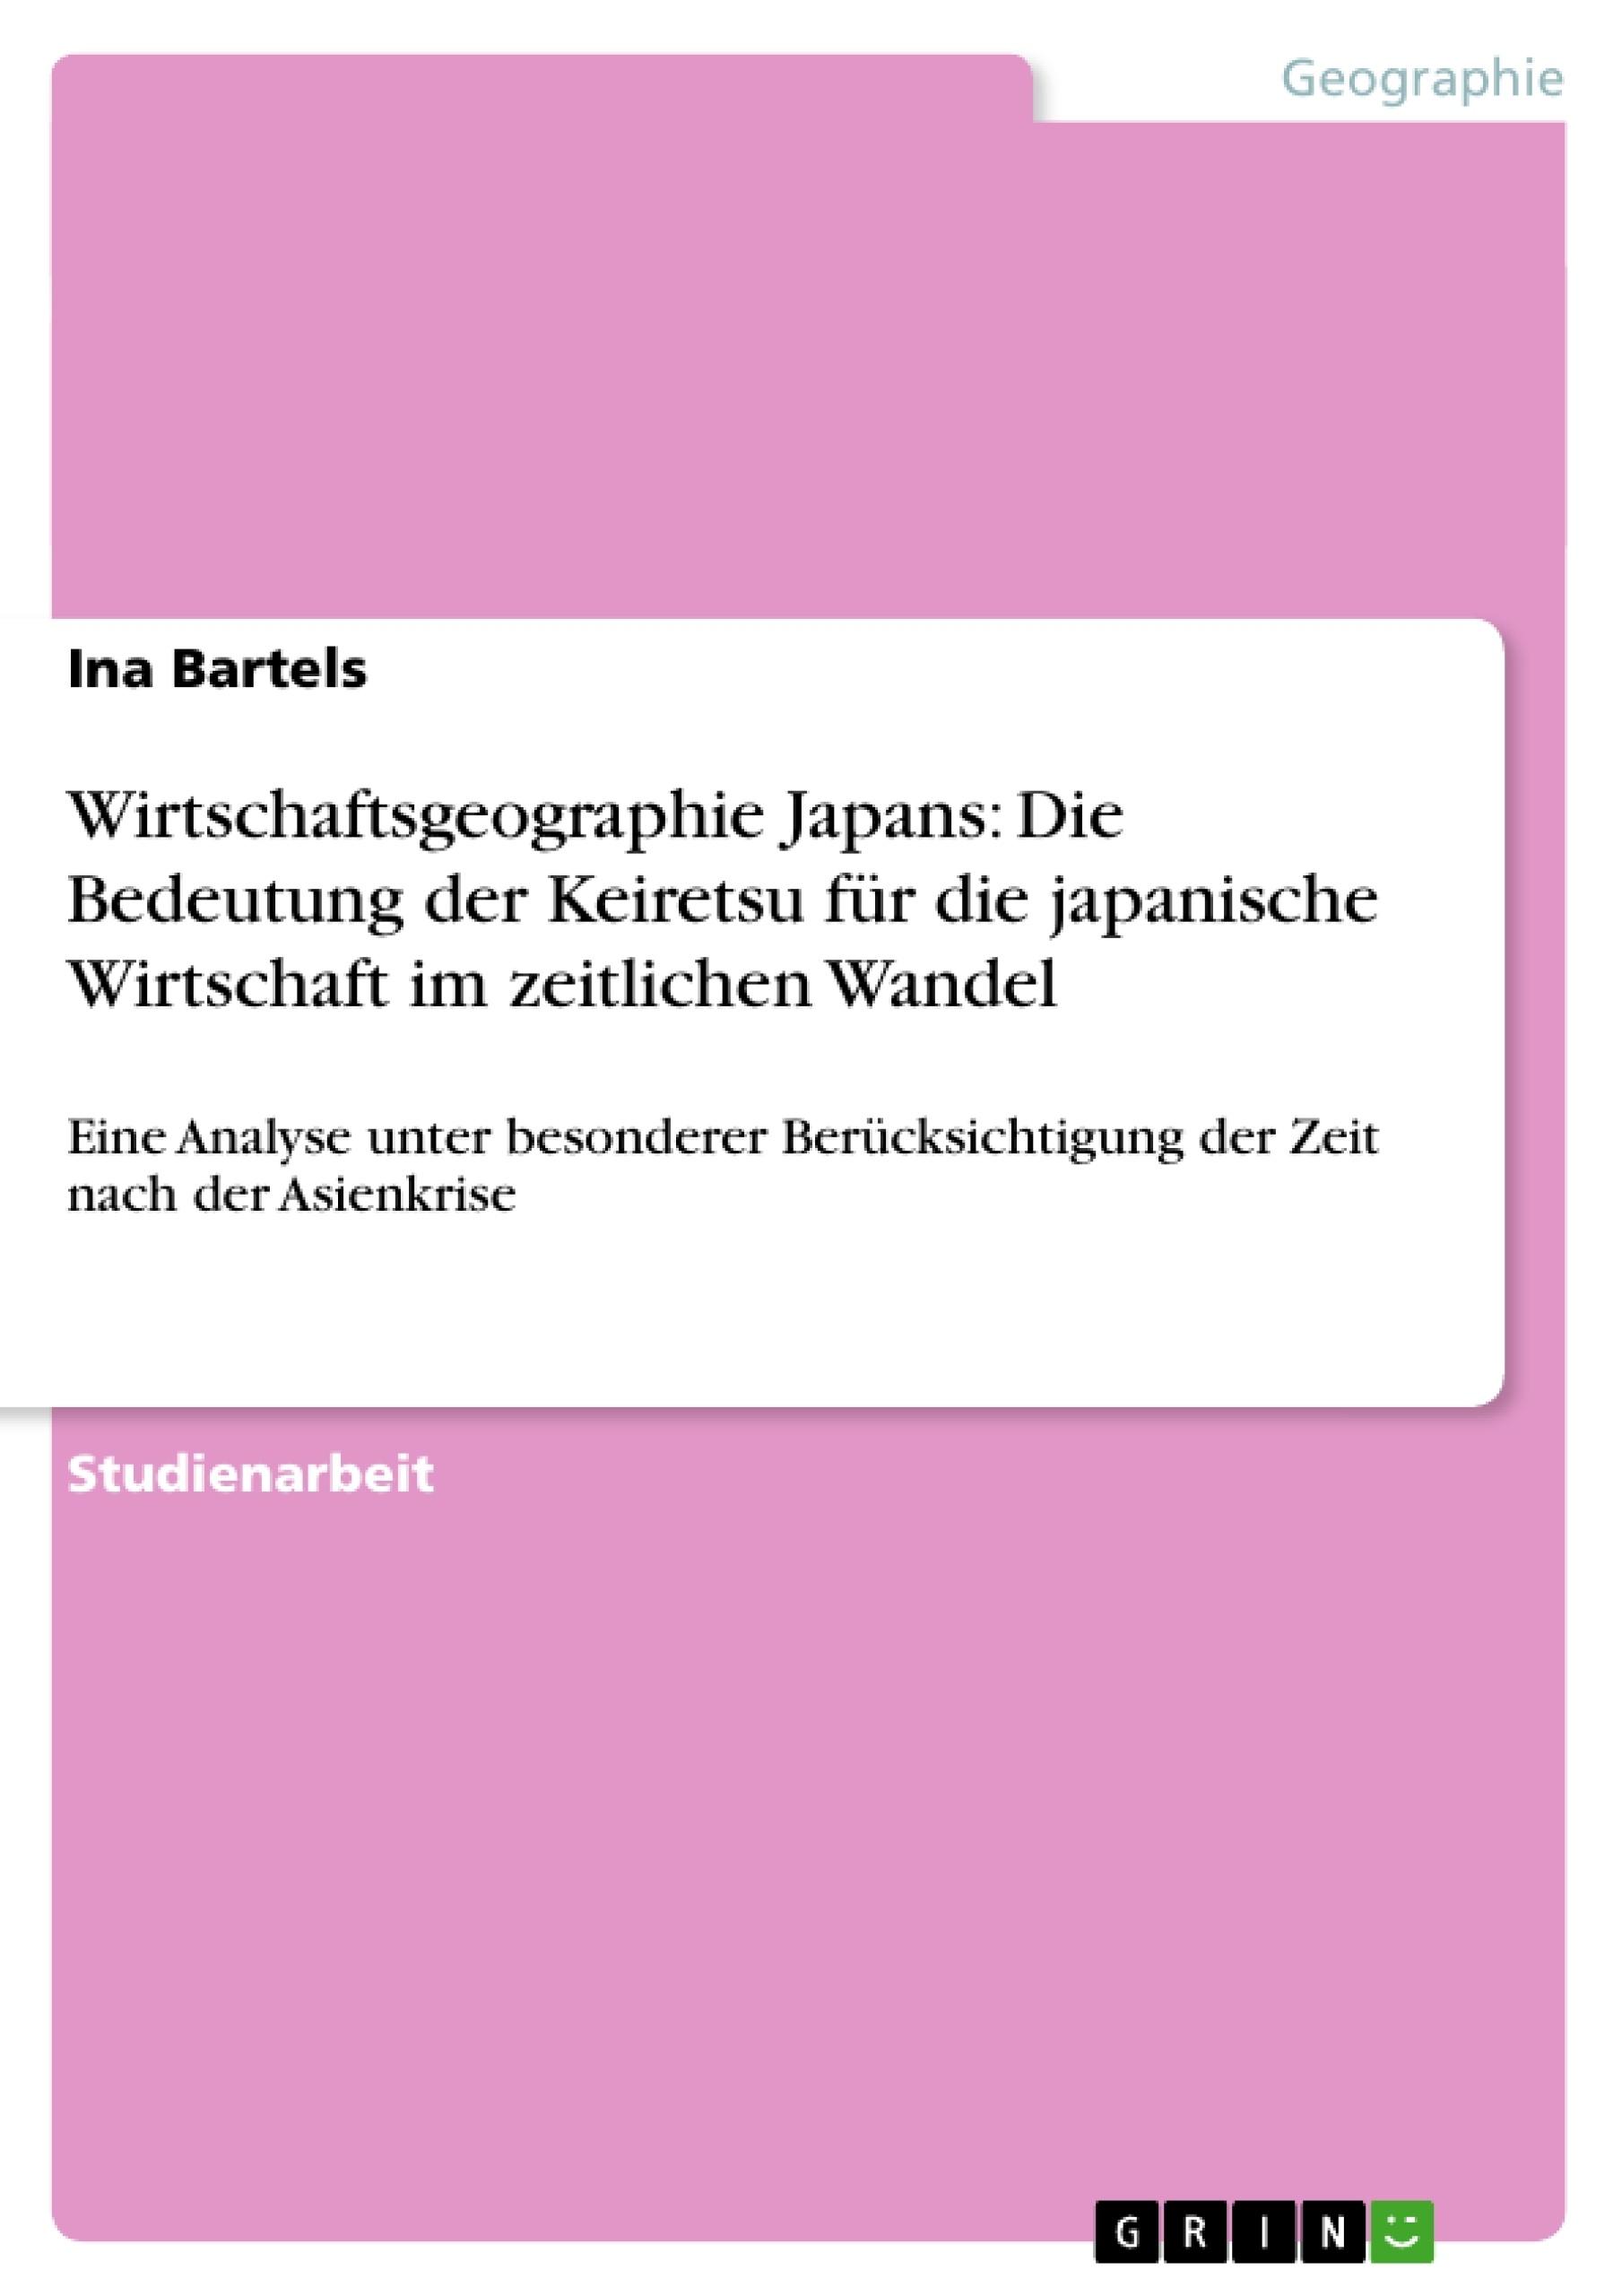 Titel: Wirtschaftsgeographie Japans: Die Bedeutung der Keiretsu für die japanische Wirtschaft im zeitlichen Wandel